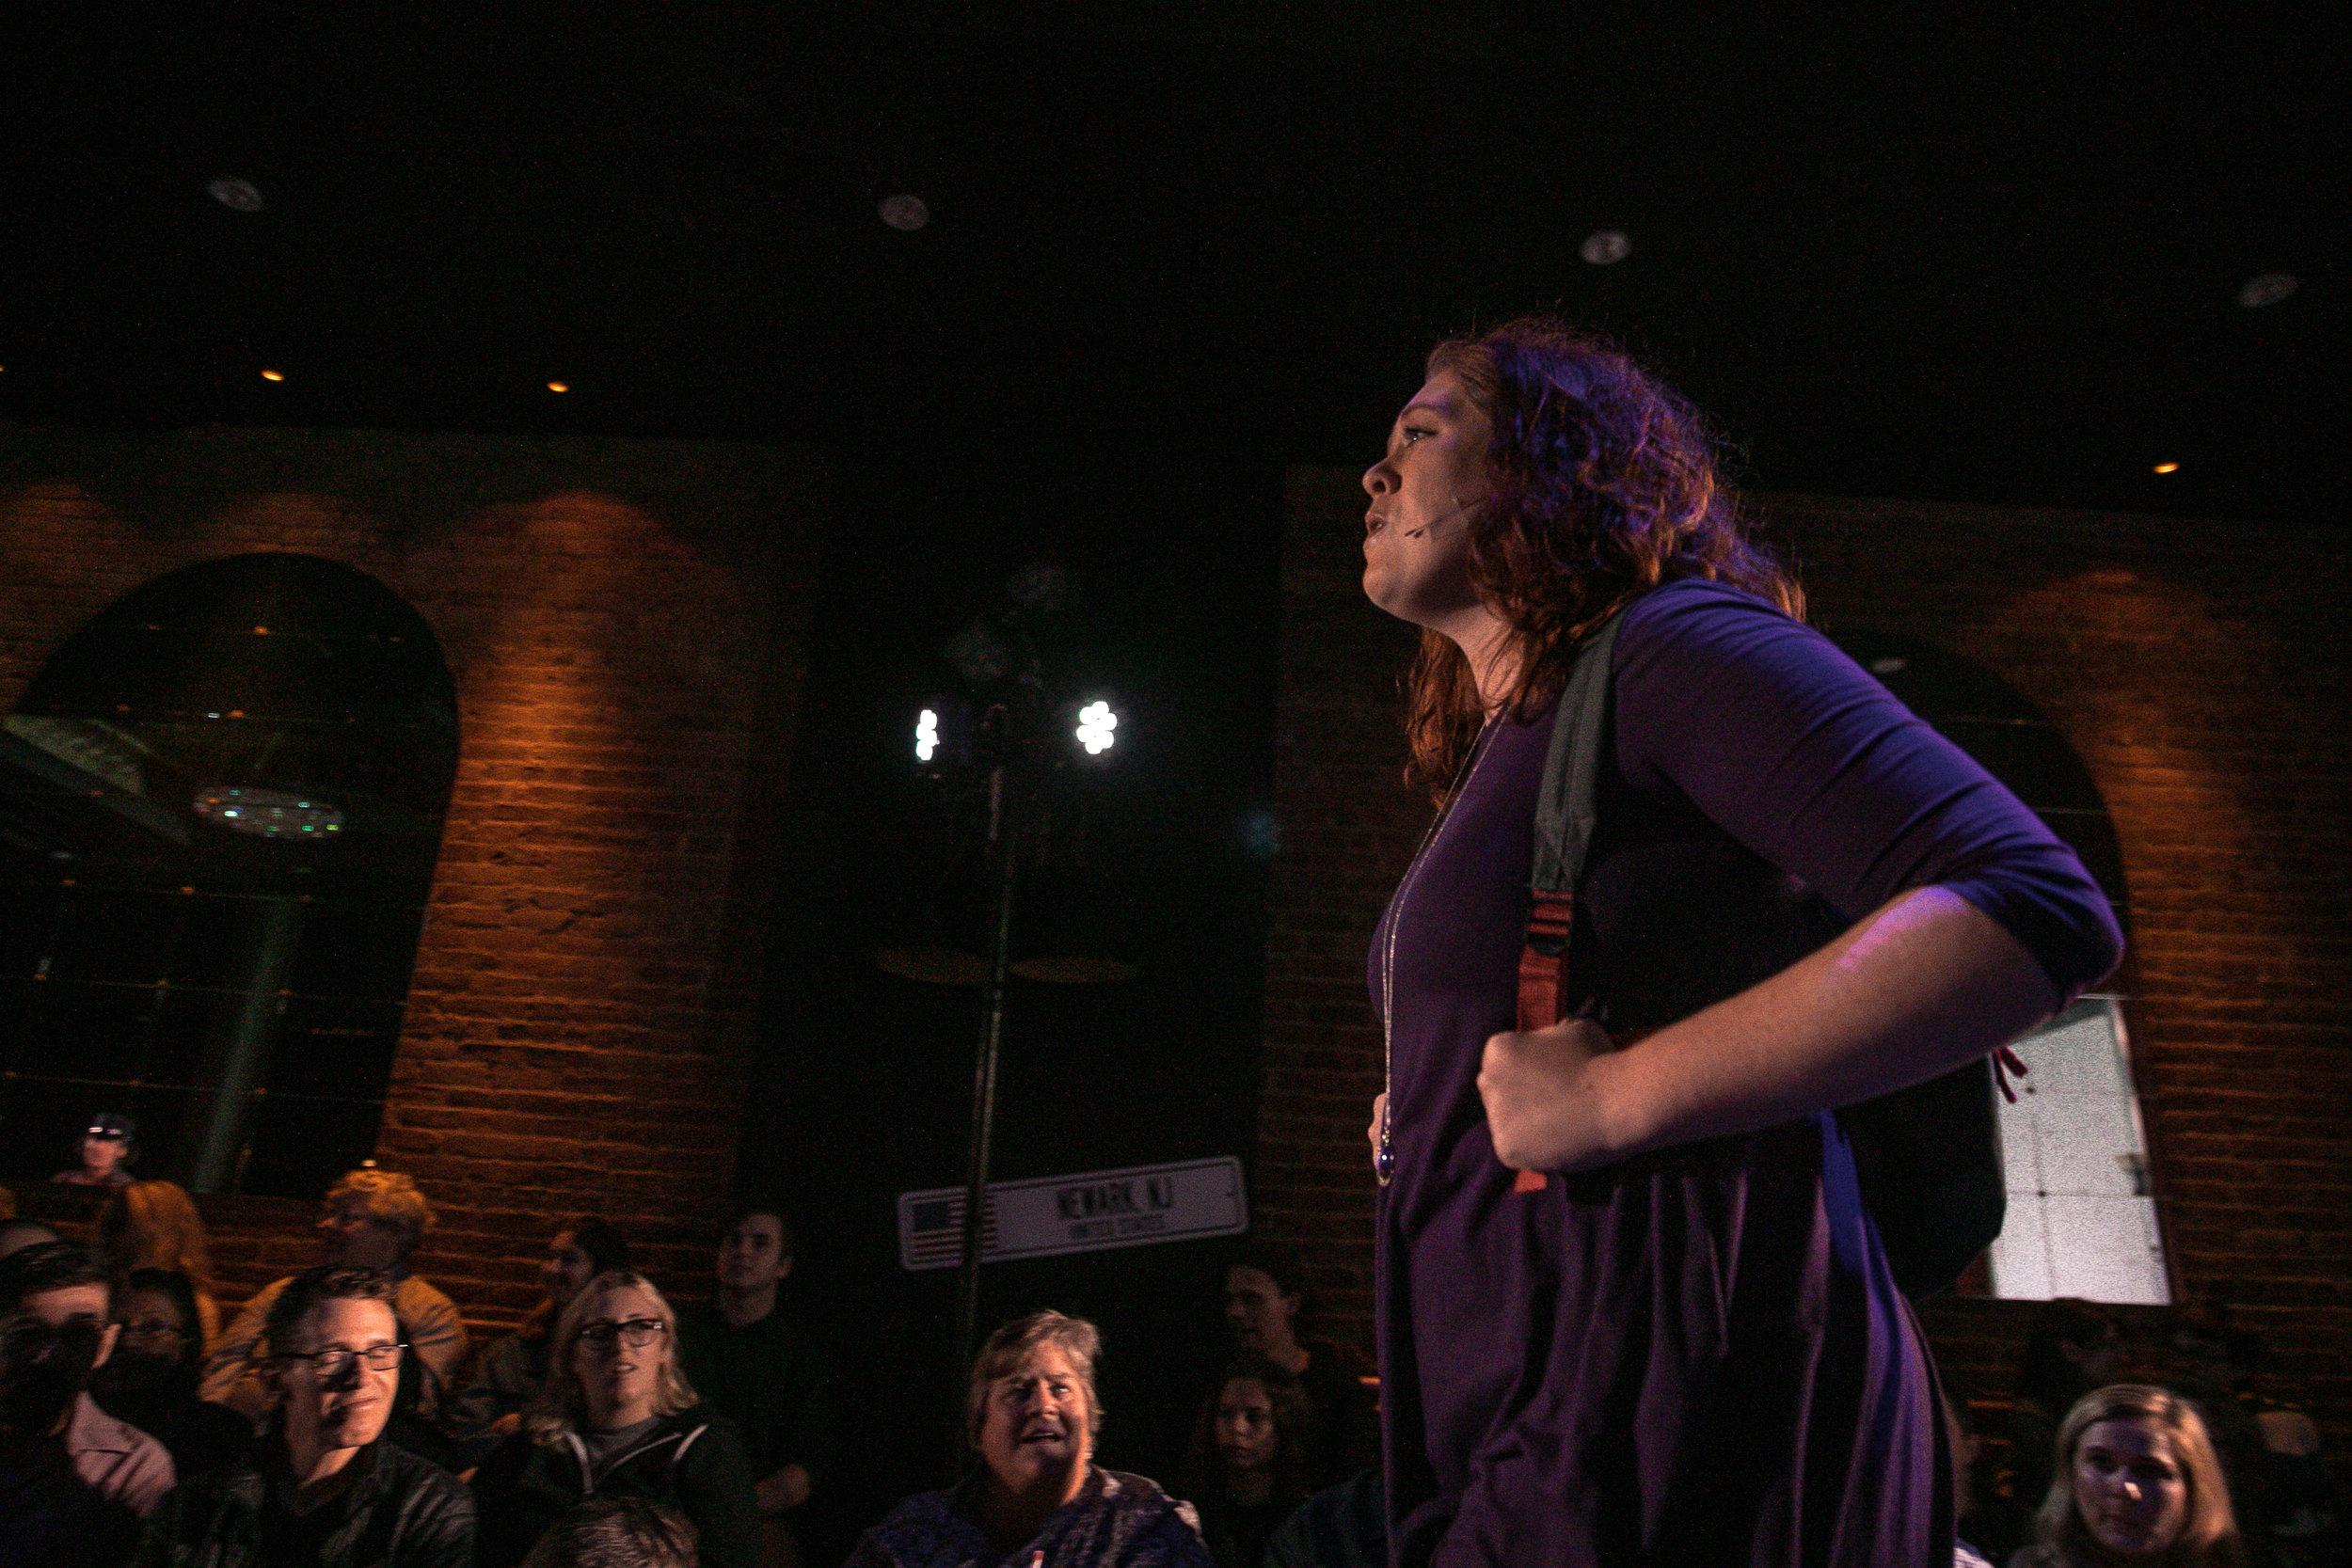 pictured: Miranda Luze, photo by Zack Morrison